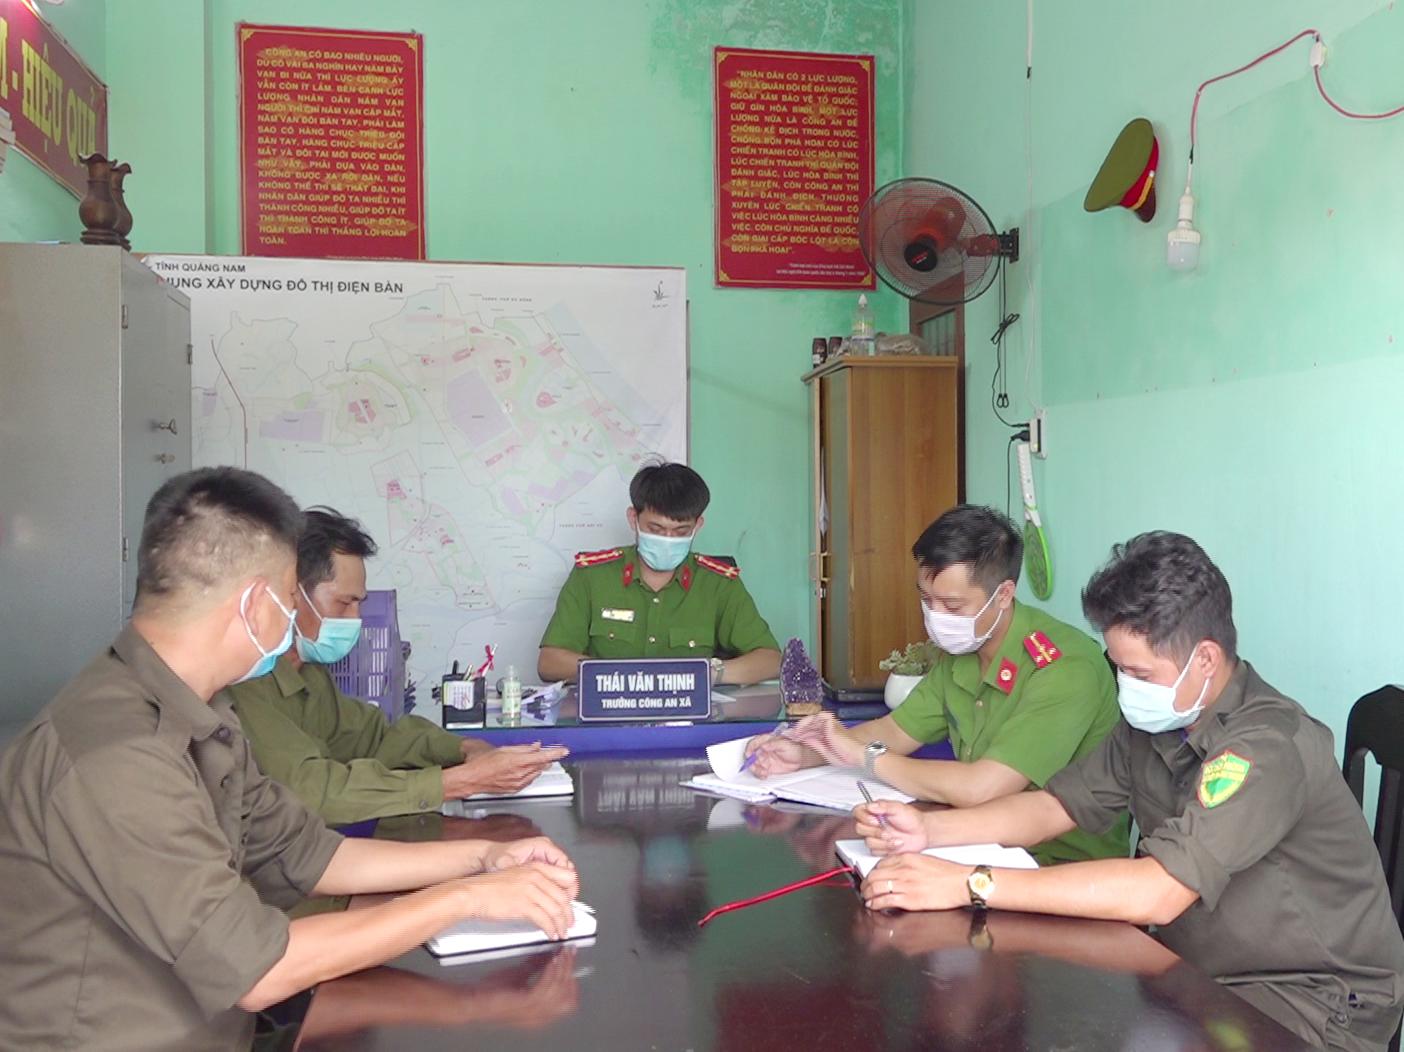 Công an xã Điện Thắng Trung họp triển khai nhiệm vụ cho lực lượng công an viên cơ sở. Ảnh: C.T